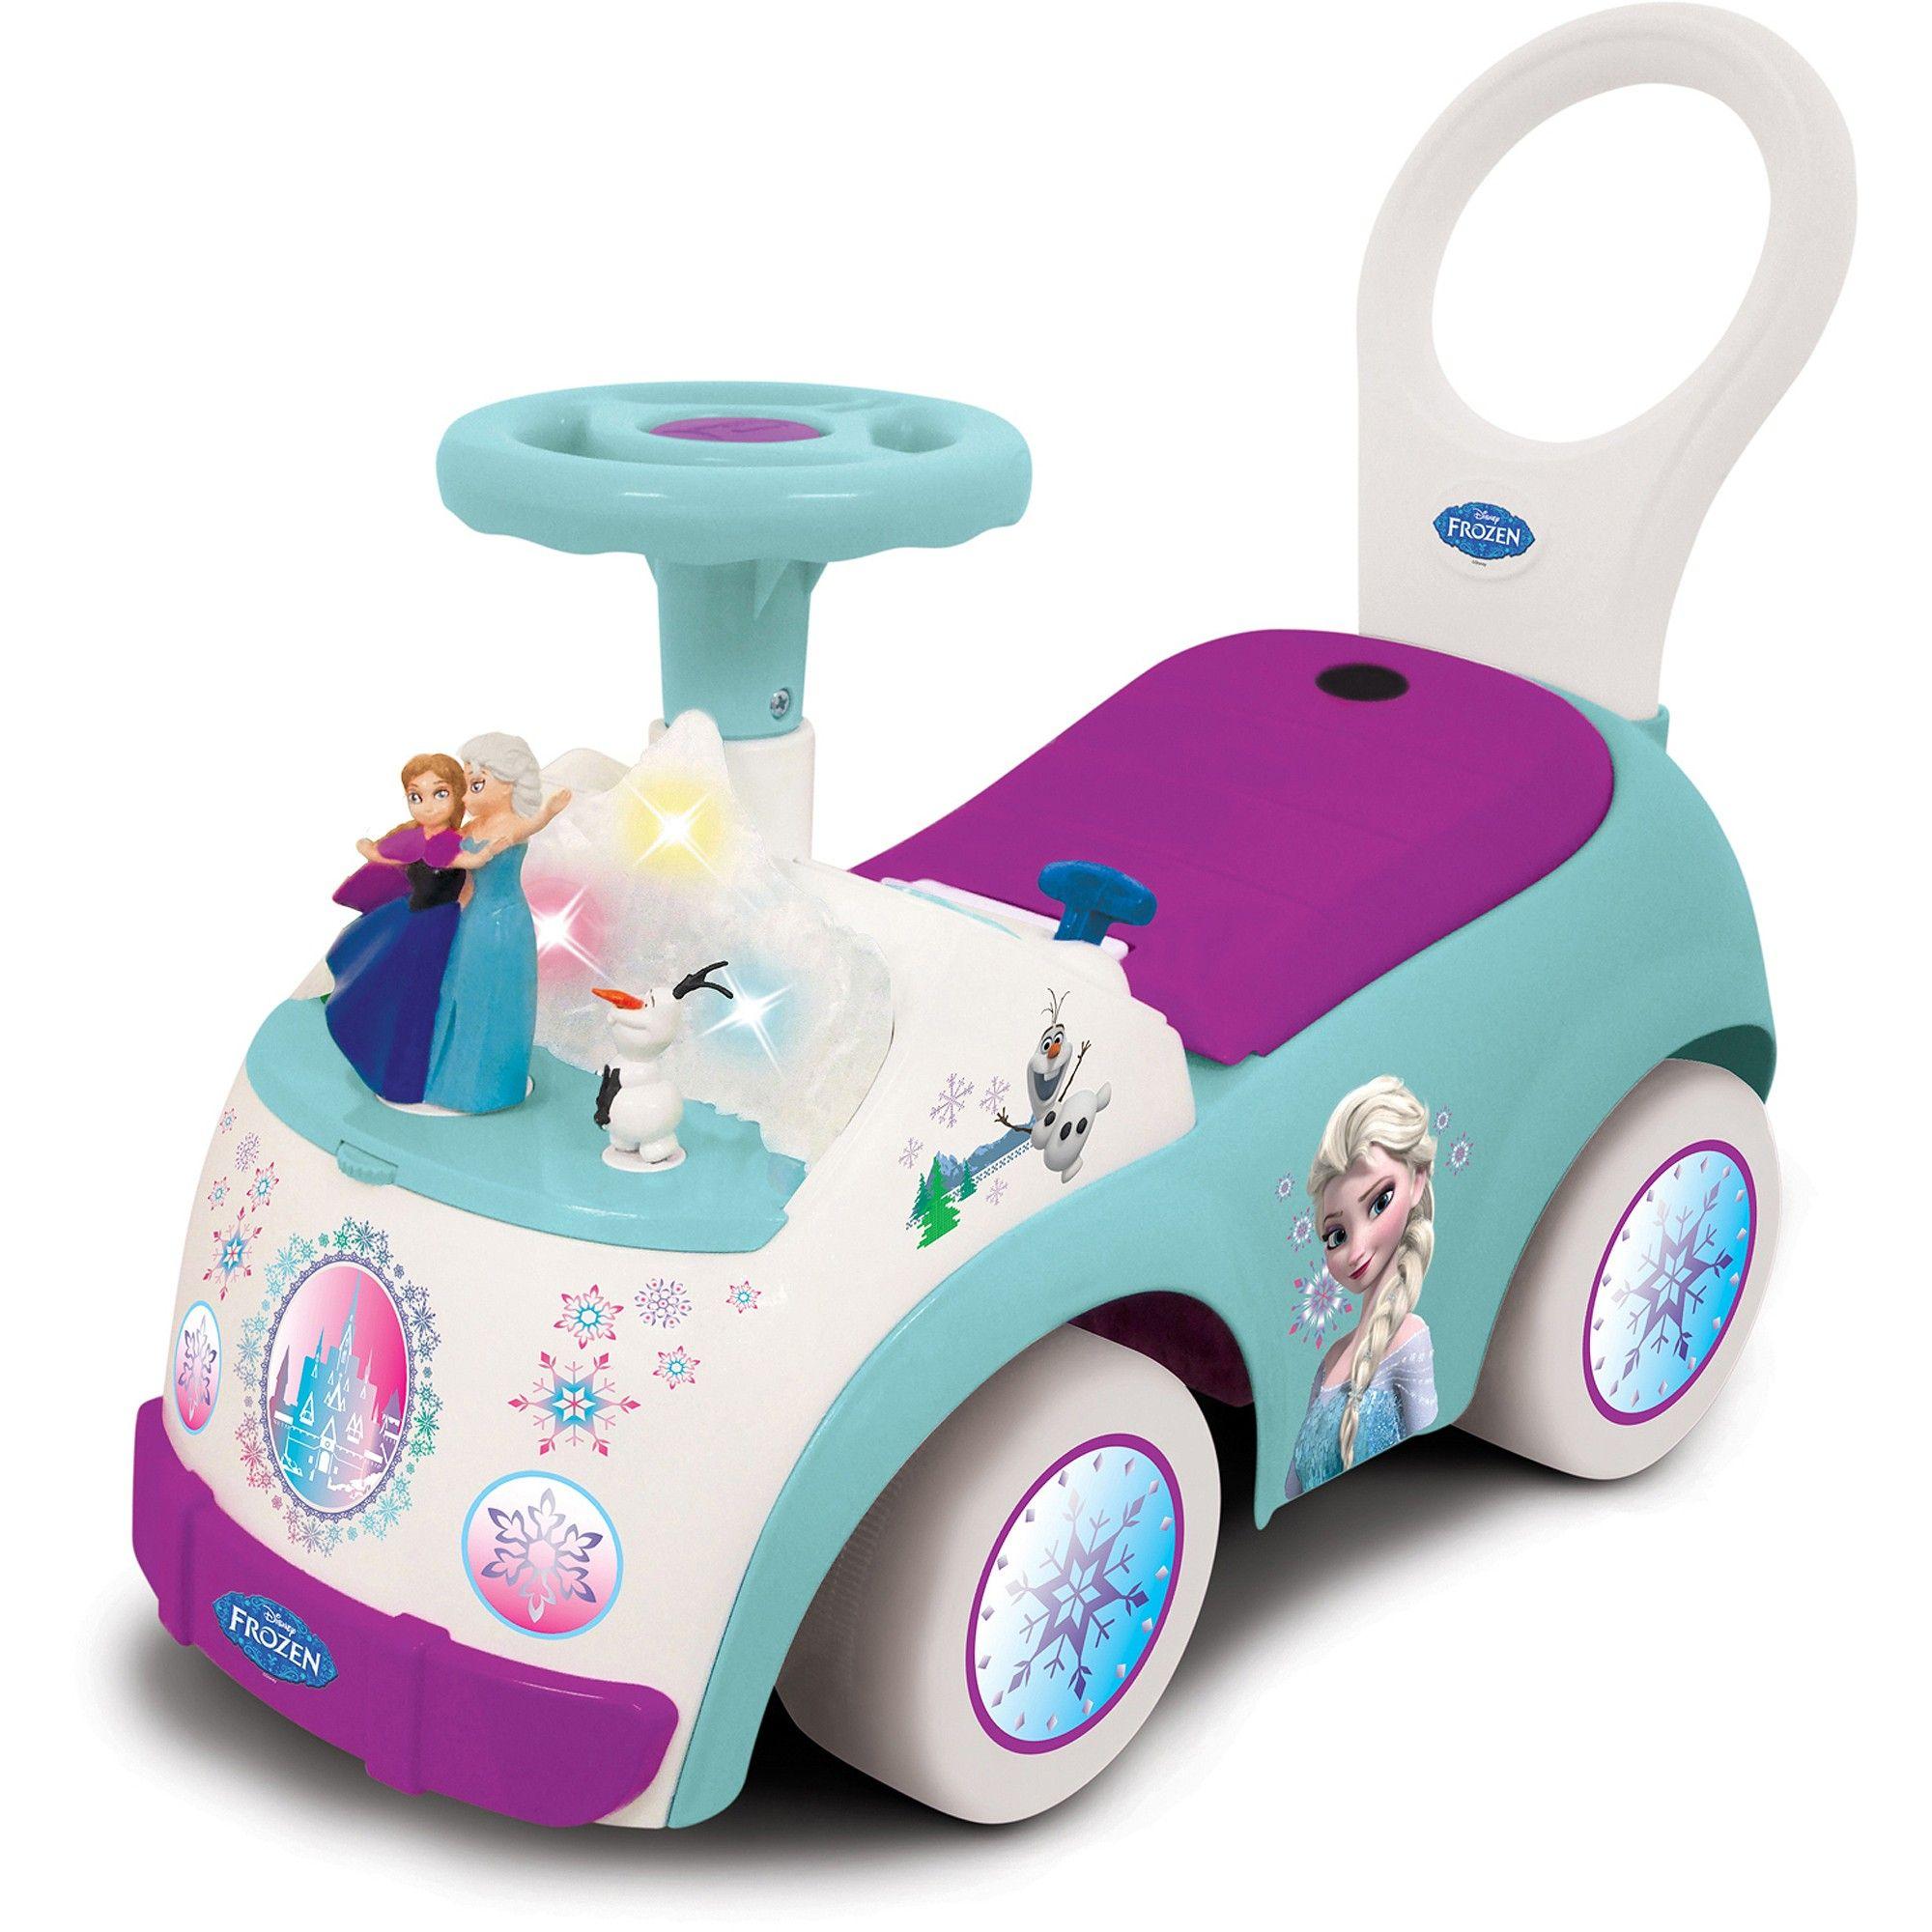 Kiddieland 054734 toys frozen magical adventure musical